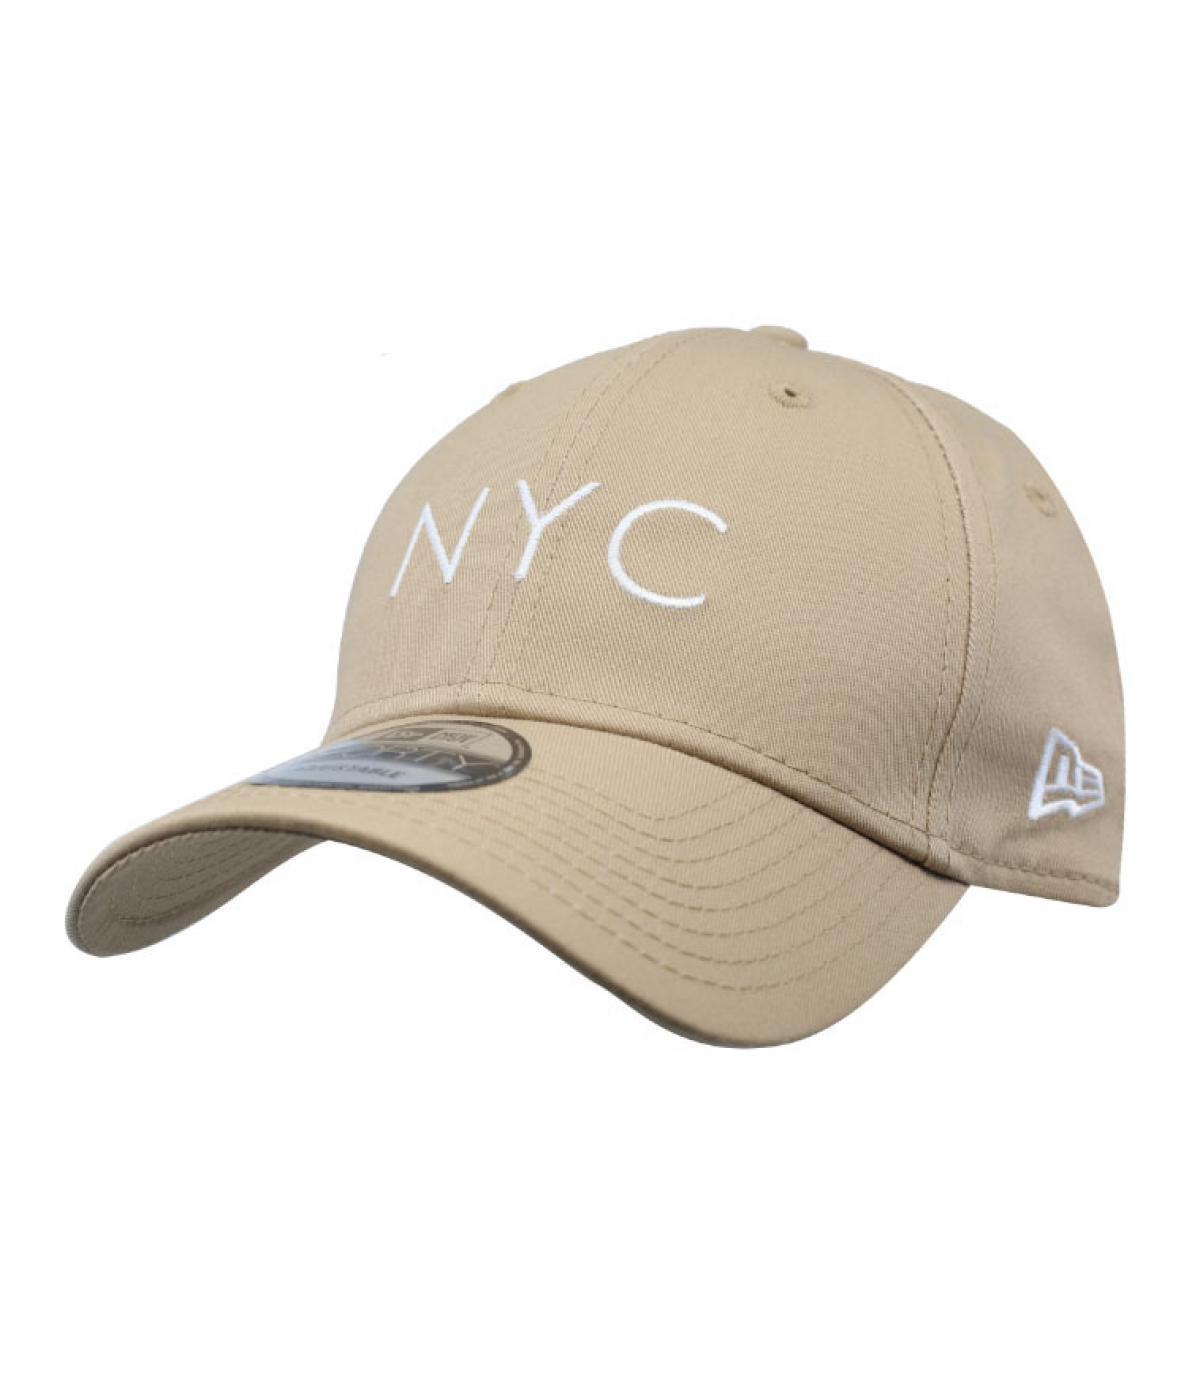 Details NYC NE Ess 9Forty camel - afbeeling 2